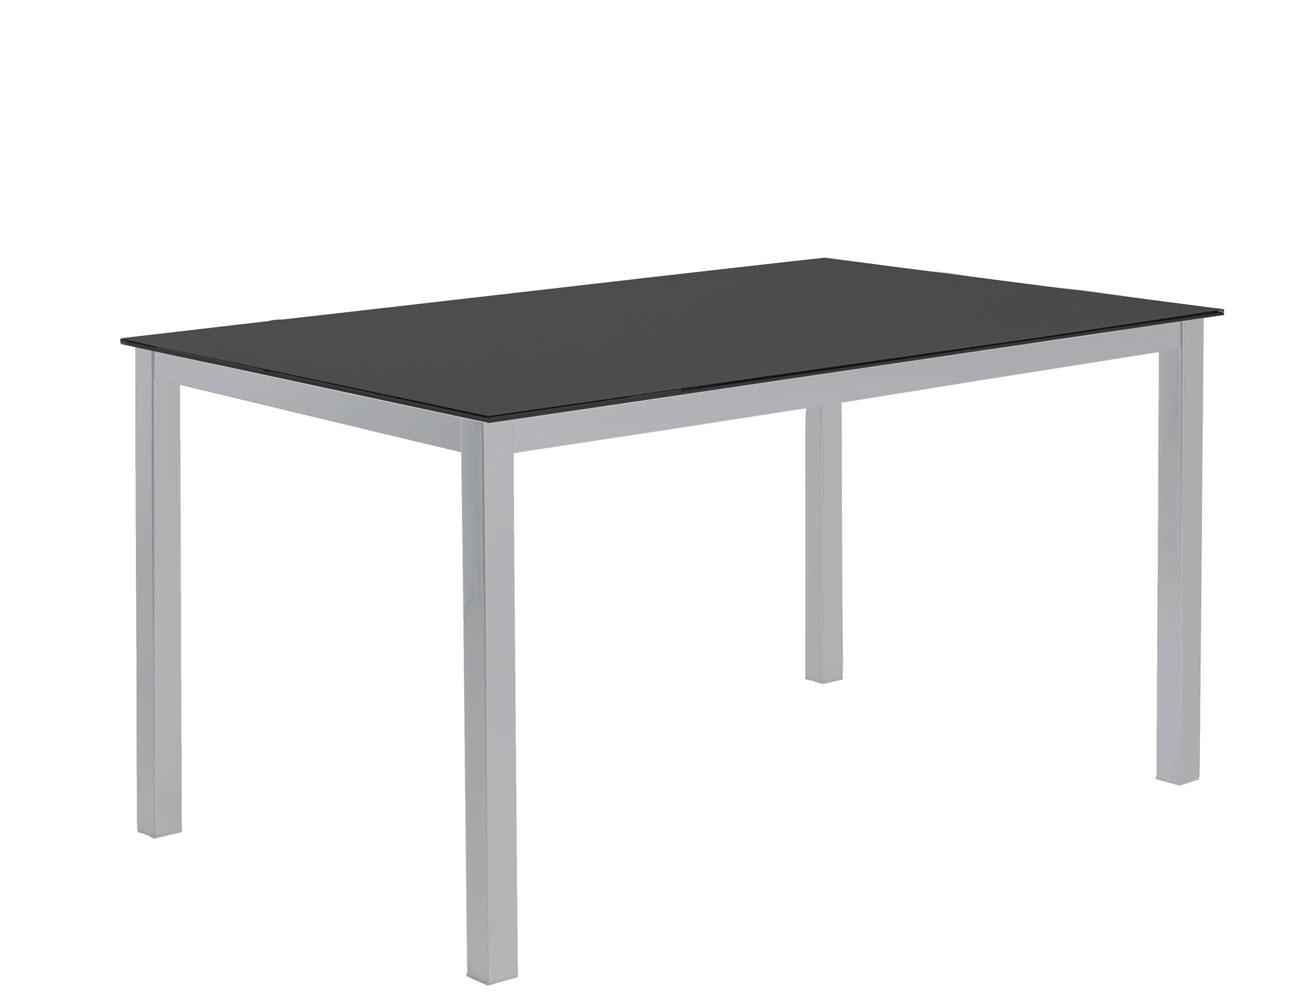 Mesa comedor cristal templado 201 negro